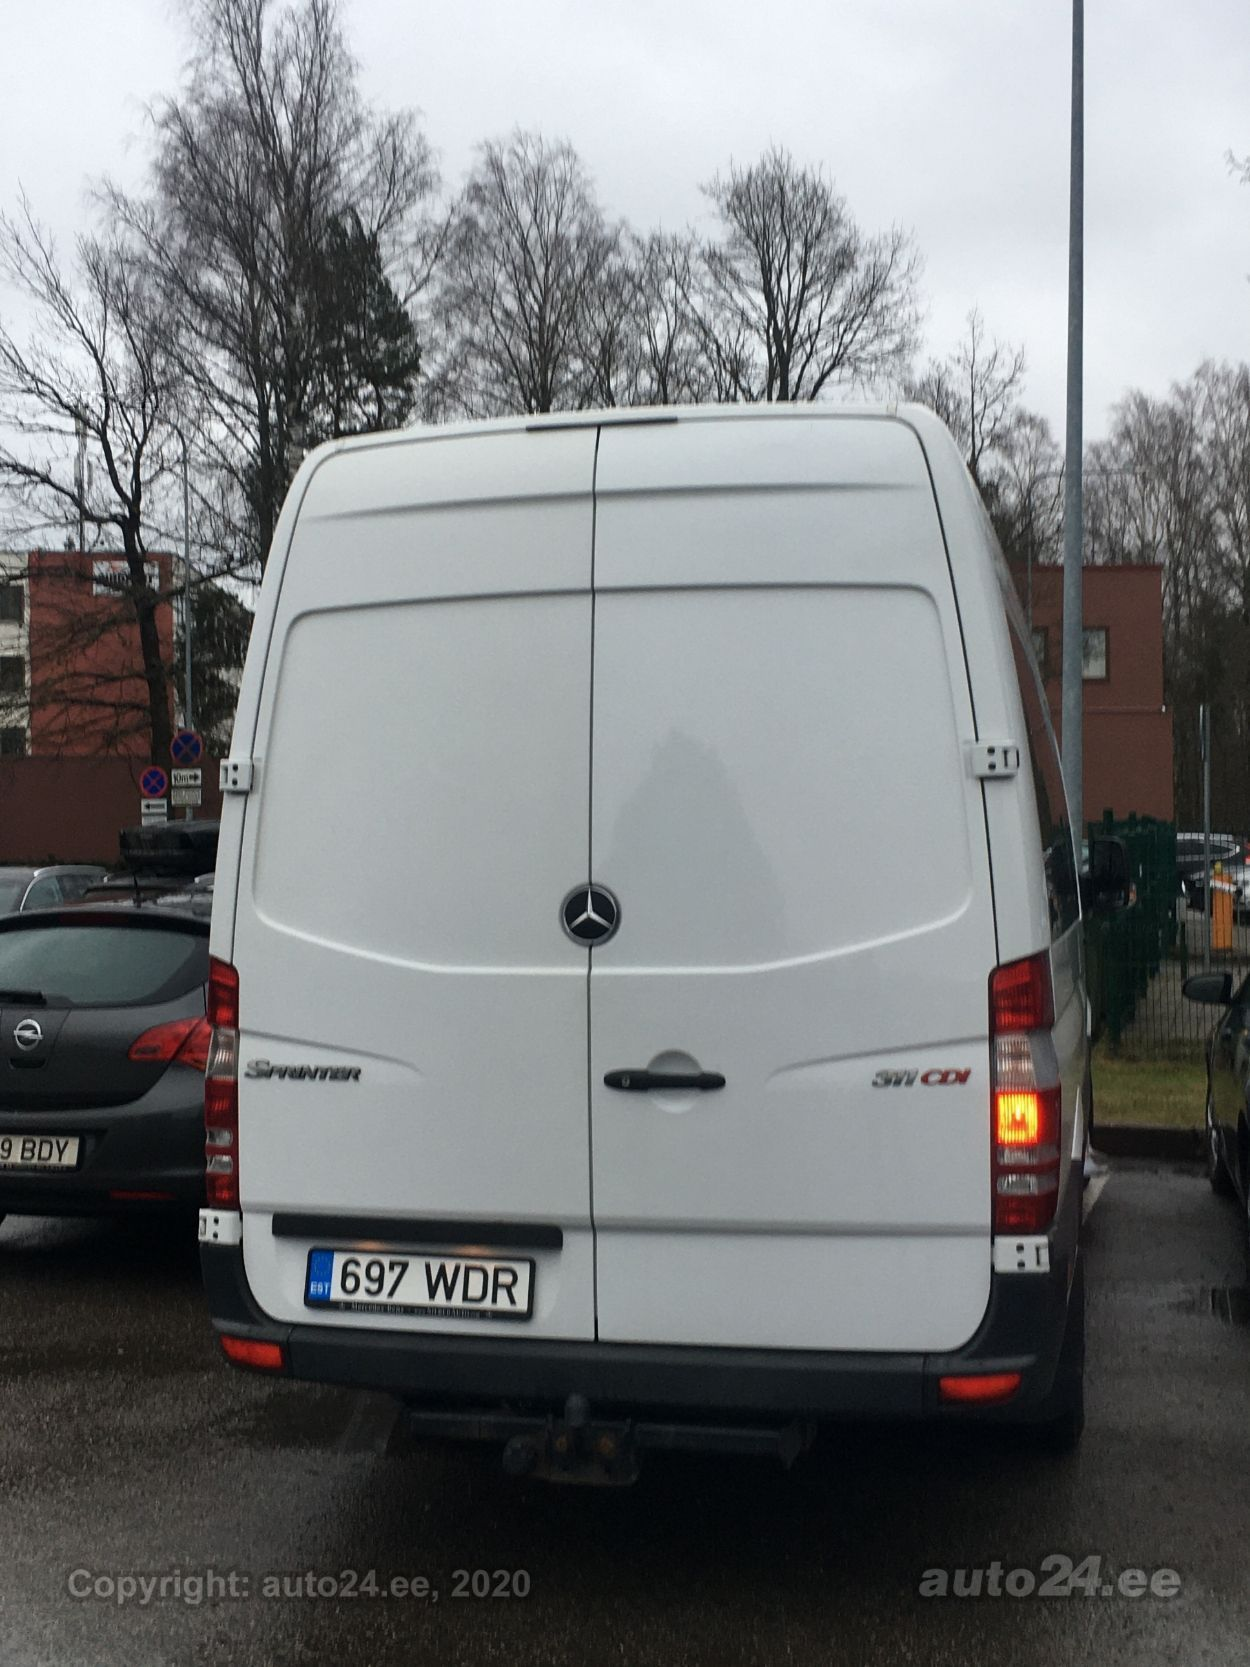 Mercedes-Benz Sprinter 311cdi 2.1 80kW